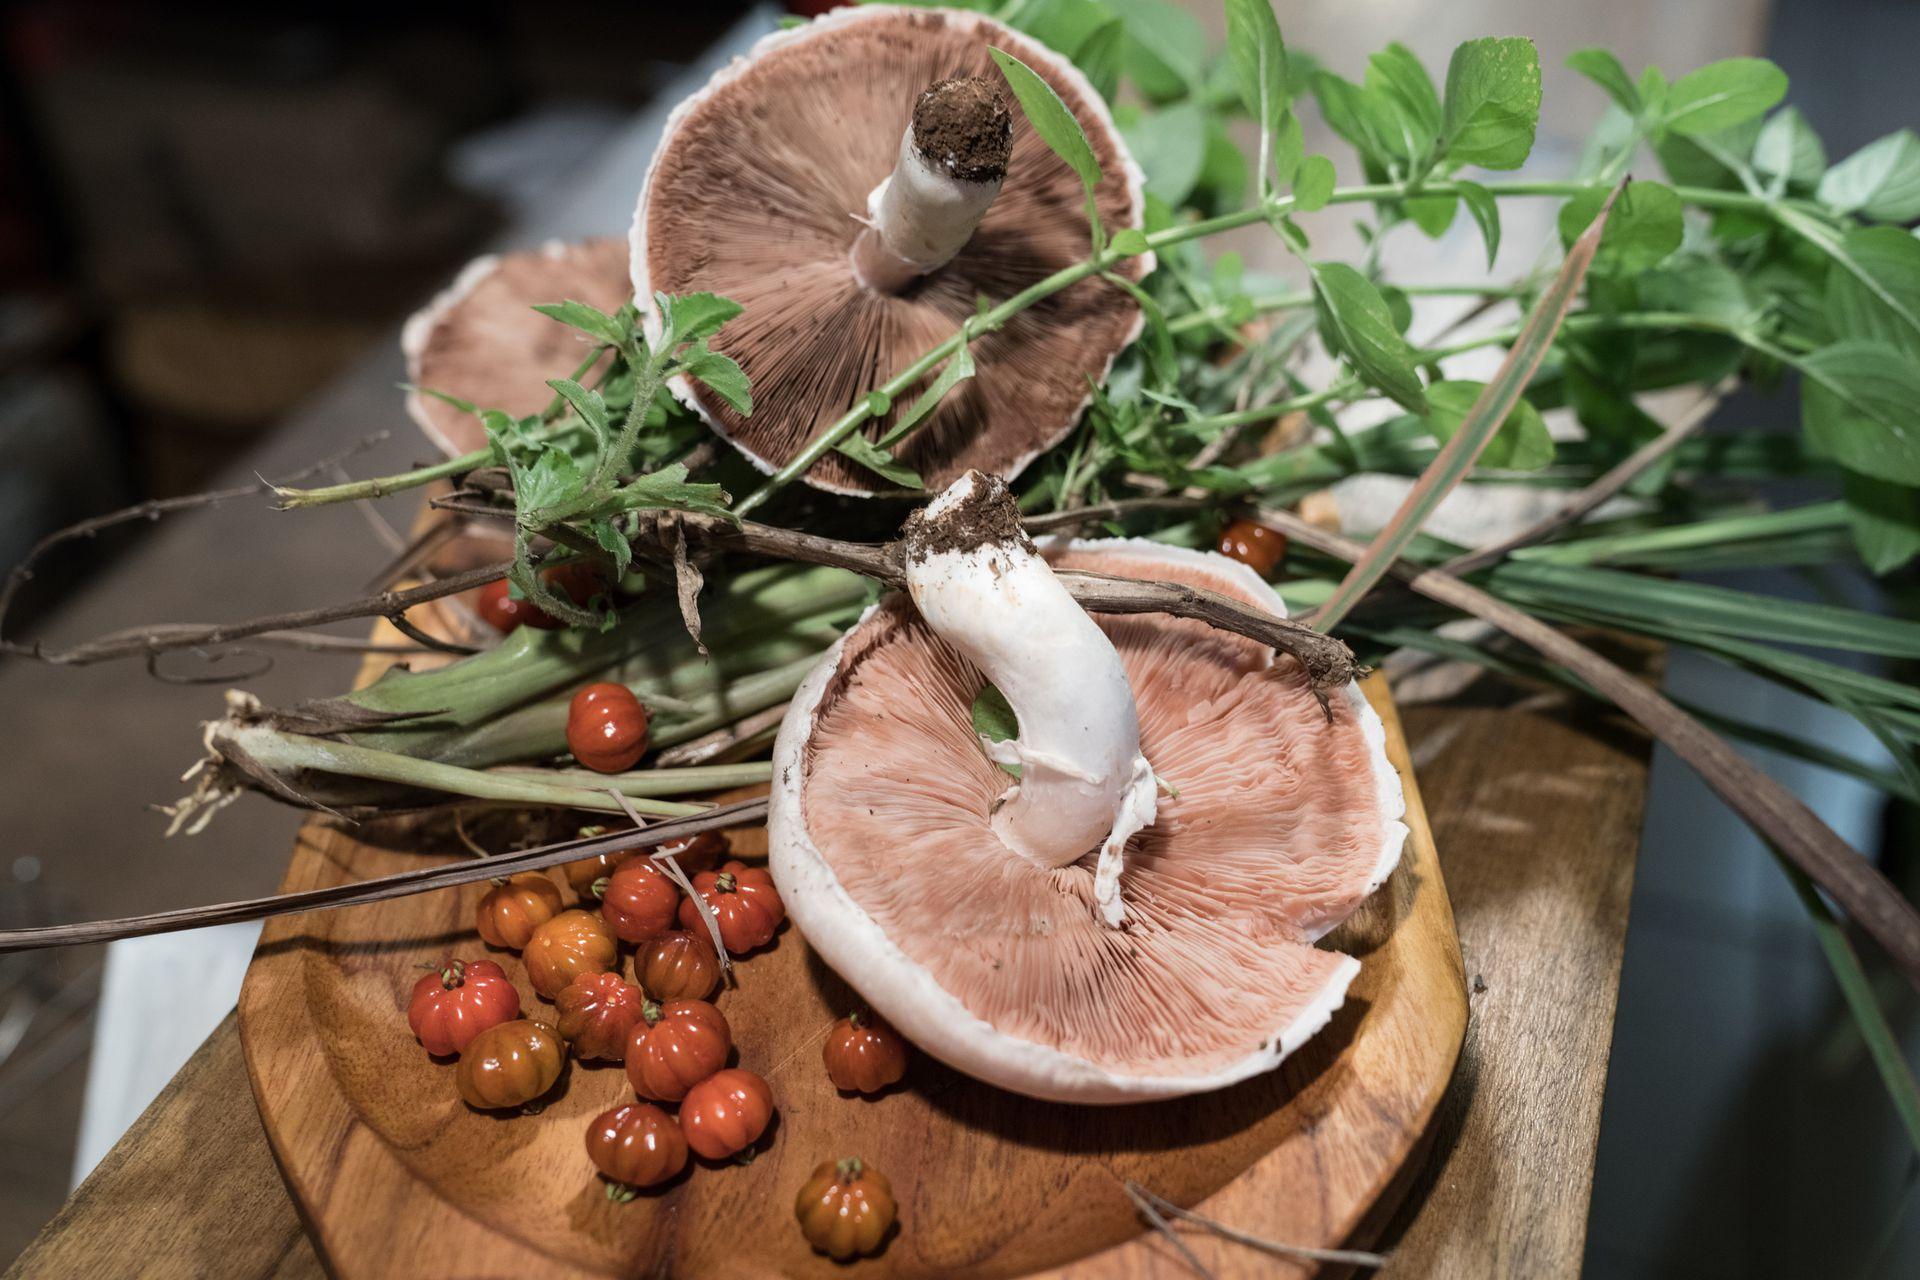 Variedad de hongos, pintanga y yuyos silvestres hacen a la propuesta gastronómica de Poytava.